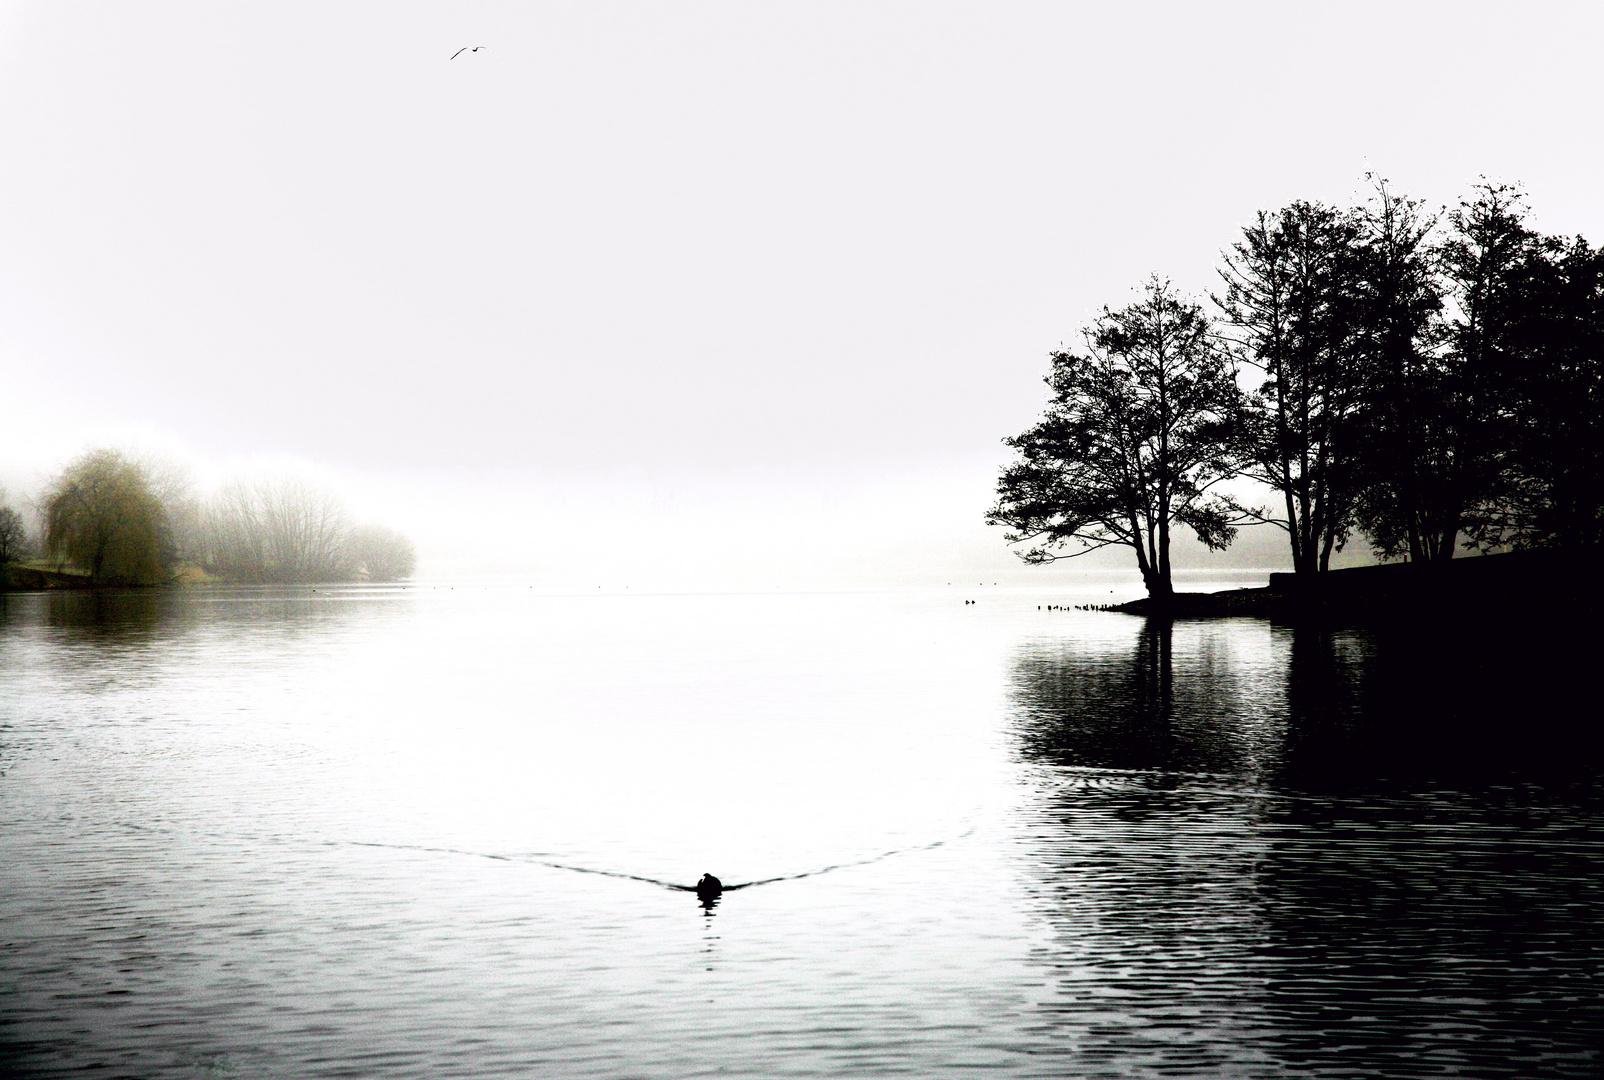 Stimmung am See